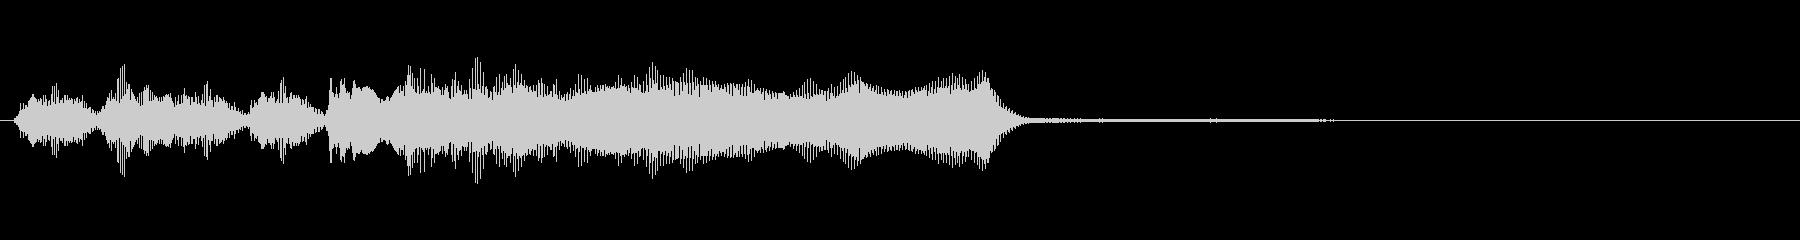 玩具系ファンファーレ-02の未再生の波形